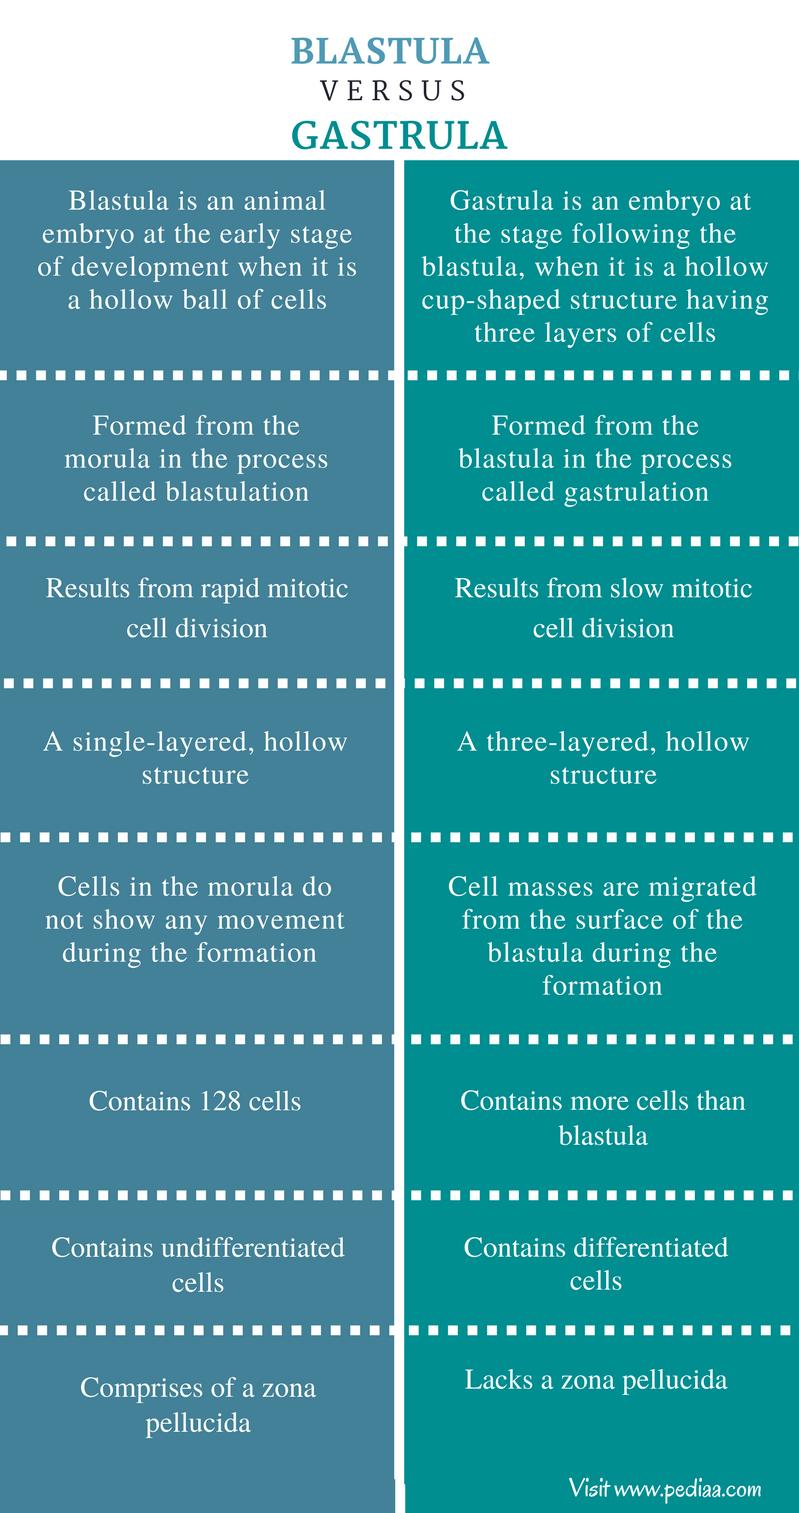 Różnica między blastulą a gastrulą - podsumowanie porównawcze